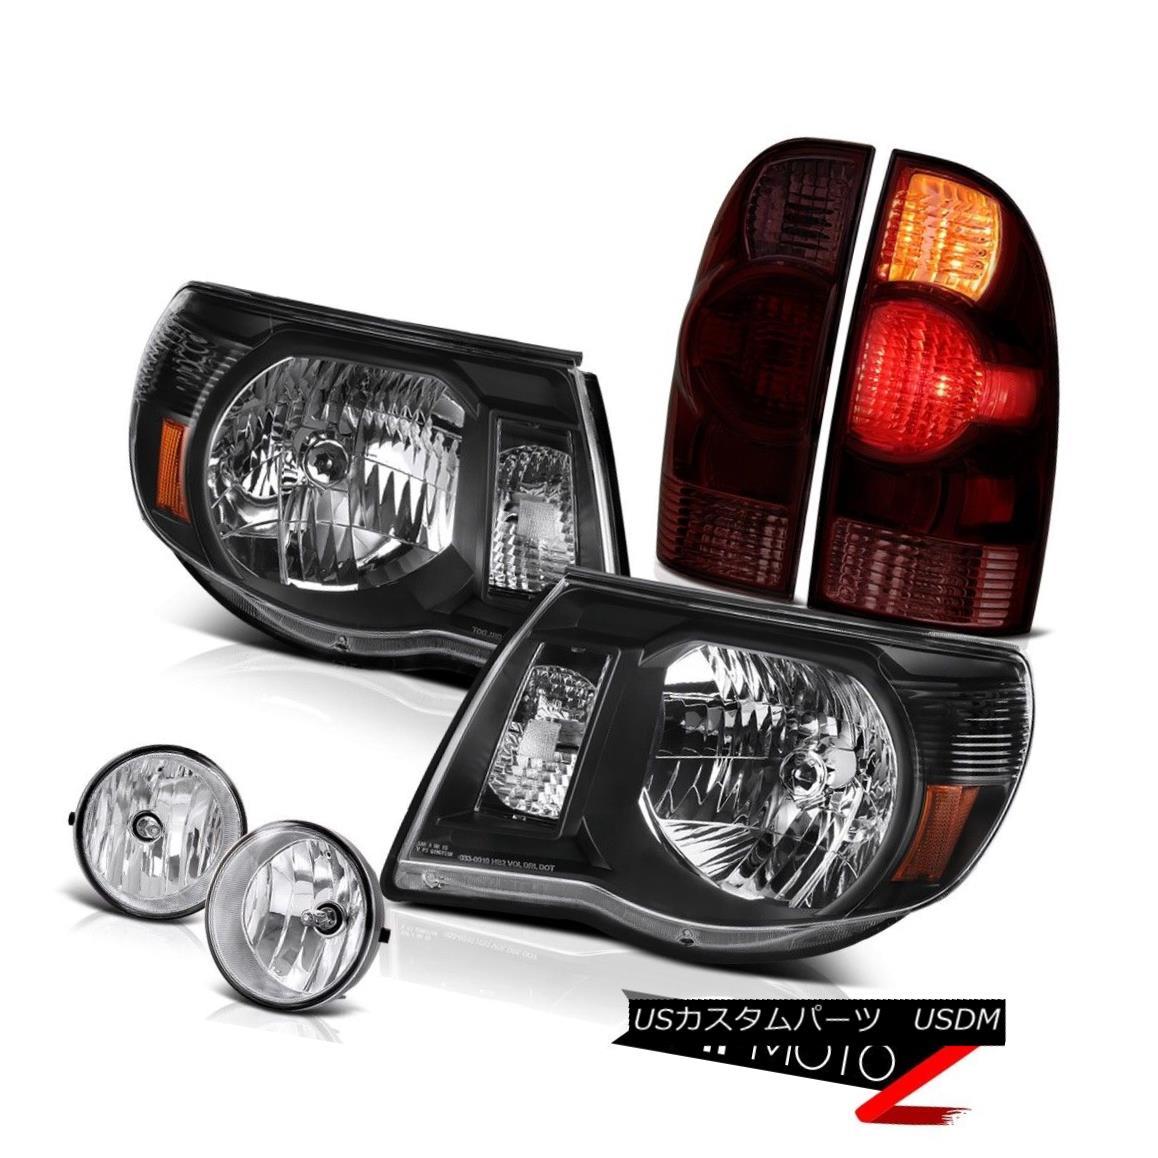 ヘッドライト 05-11 Tacoma 2.7L Rear brake lights headlights euro chrome fog lamps Replacement 05-11タコマ2.7Lリアブレーキライトヘッドライトユーロクロームフォグランプ交換